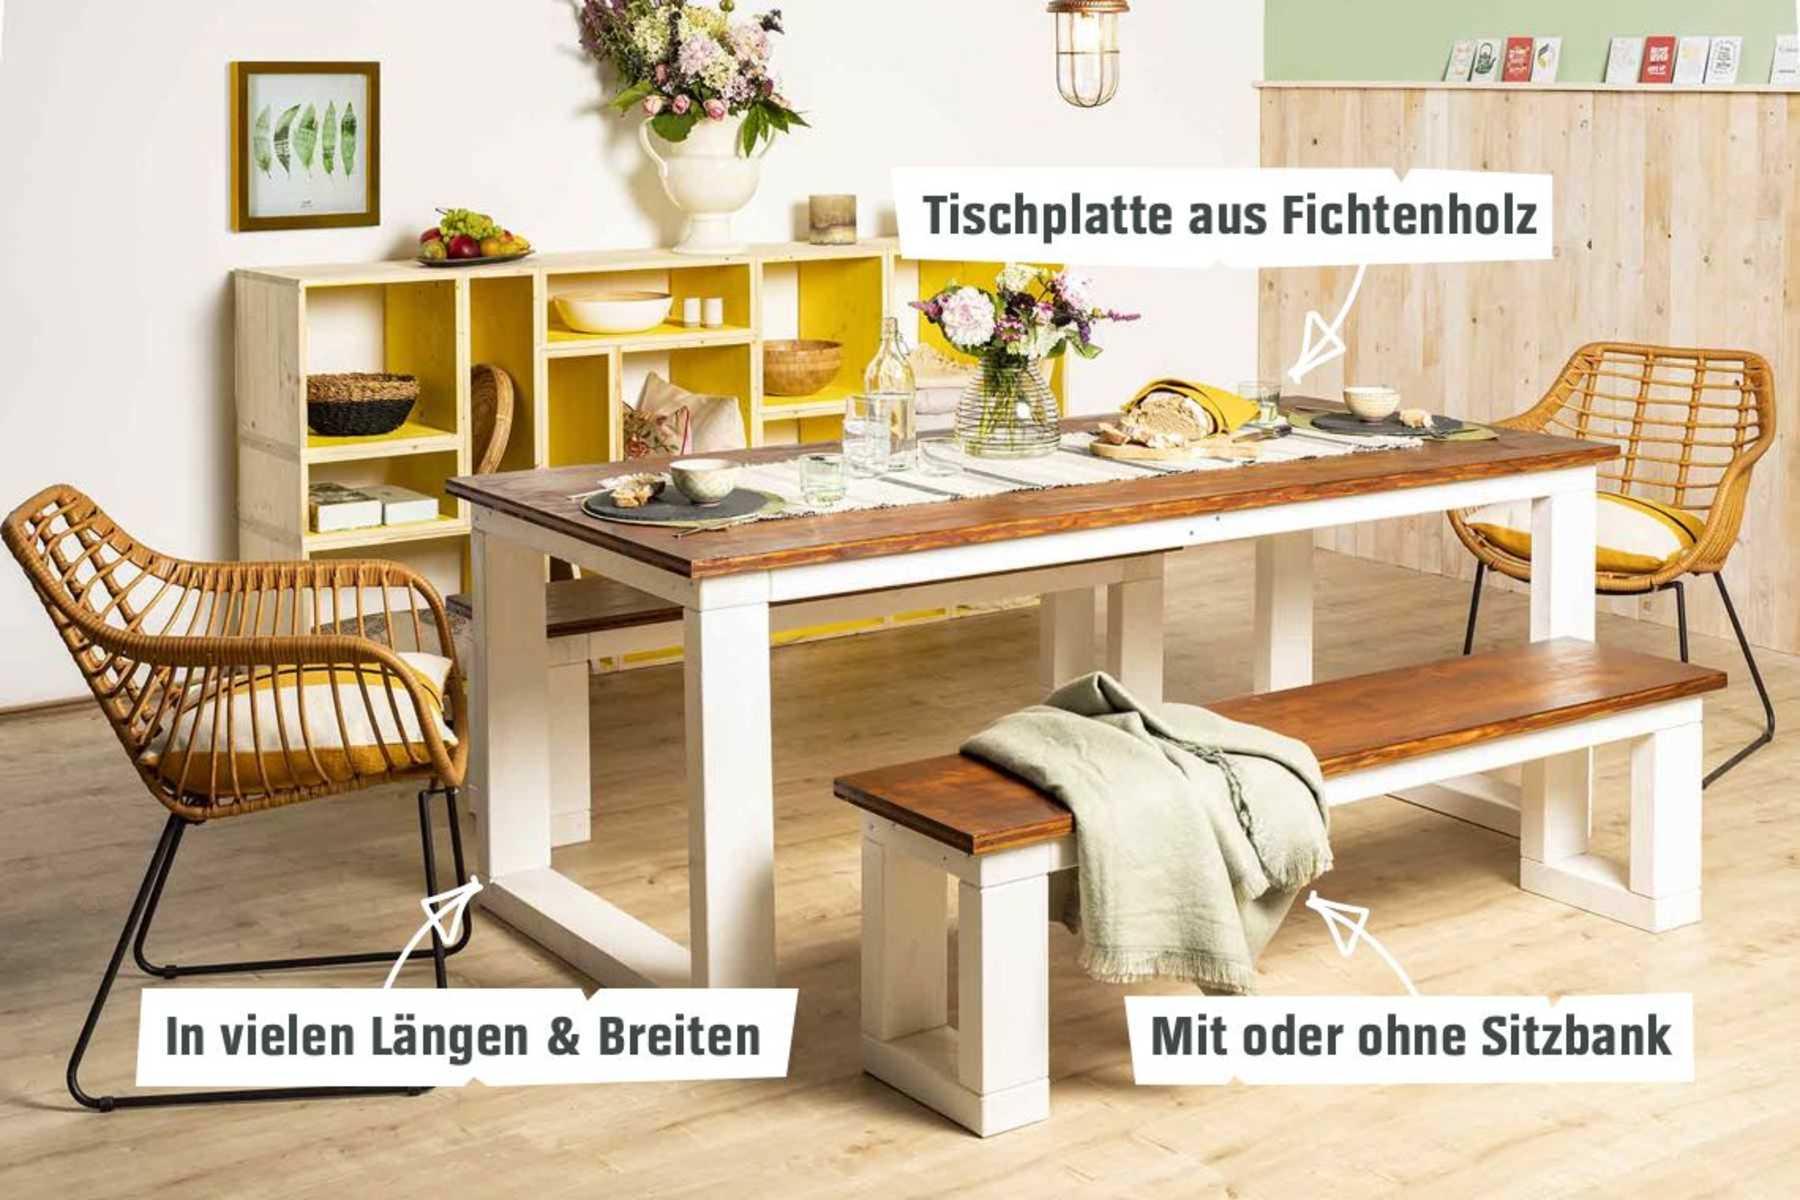 Tisch Karl CREATE! by OBI